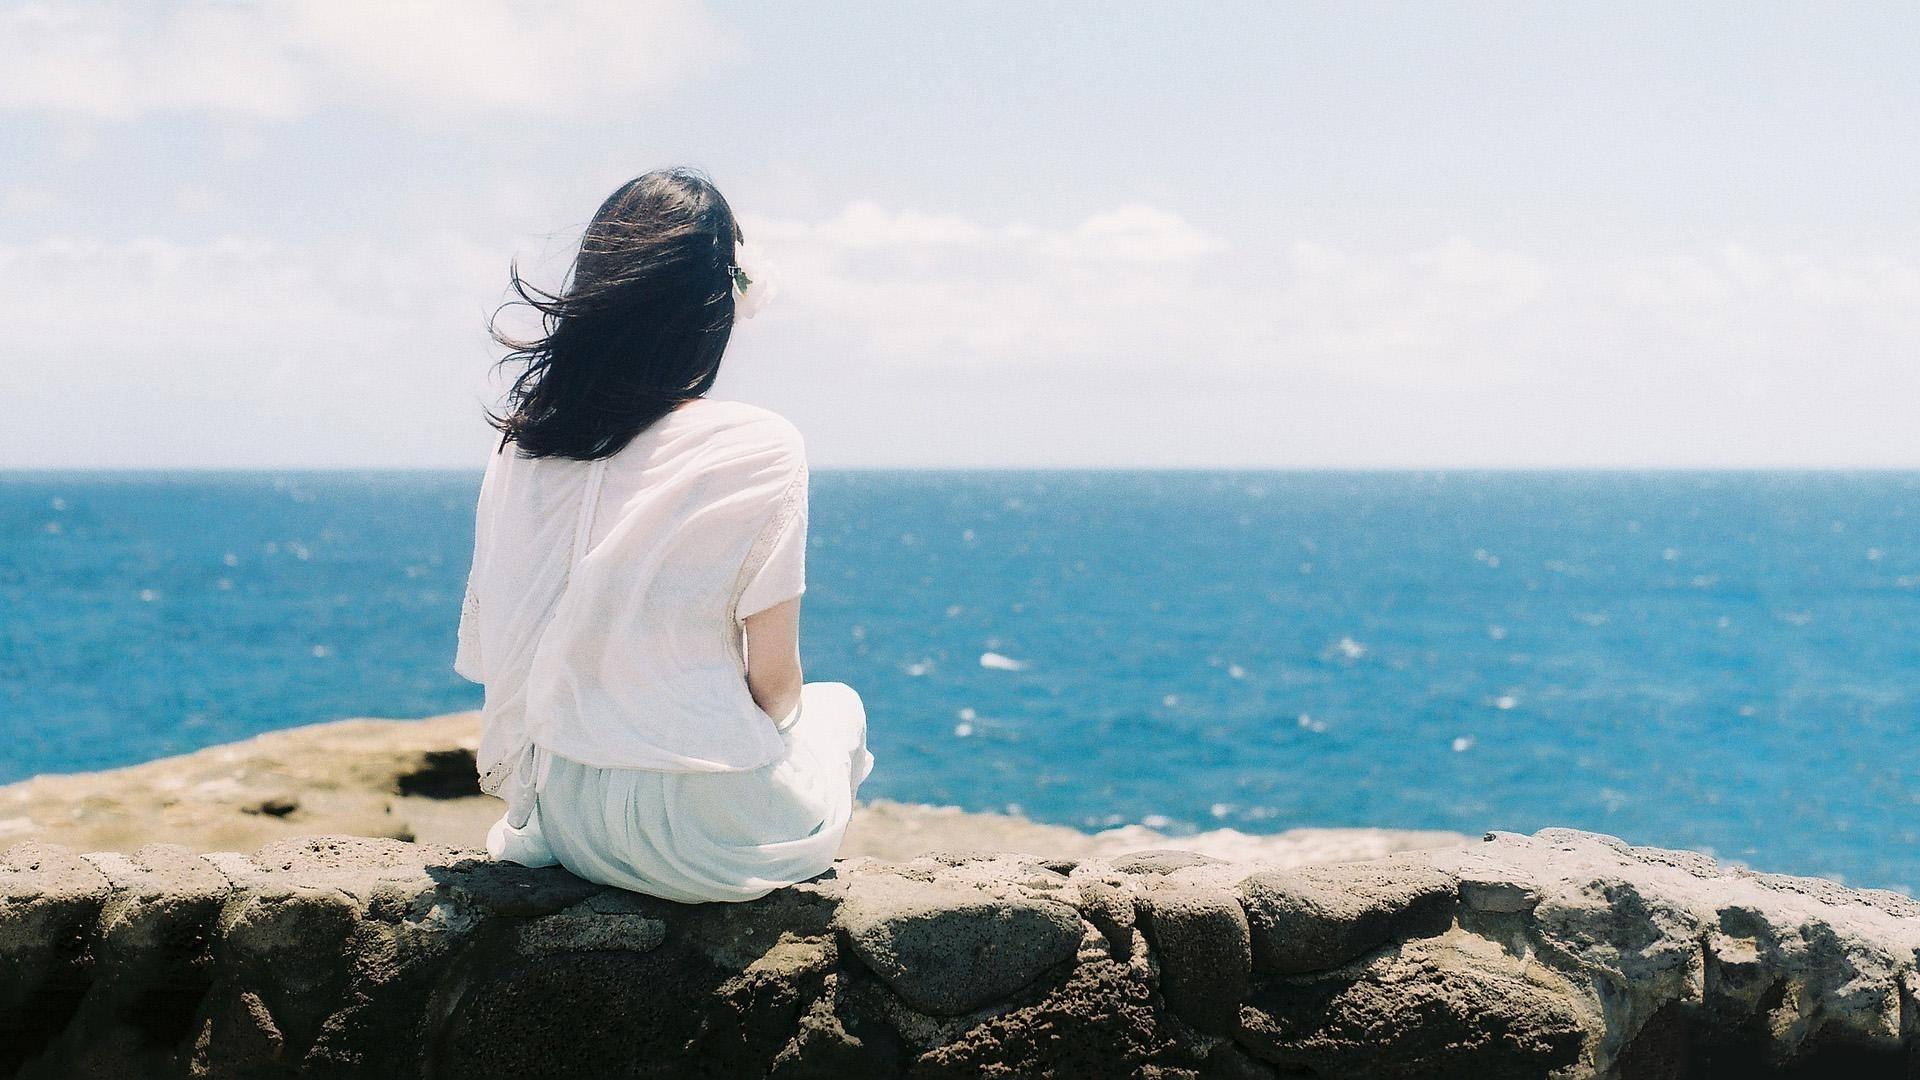 Hình nền cô đơn sao chỉ có mình em ngồi nơi đây đợi ai